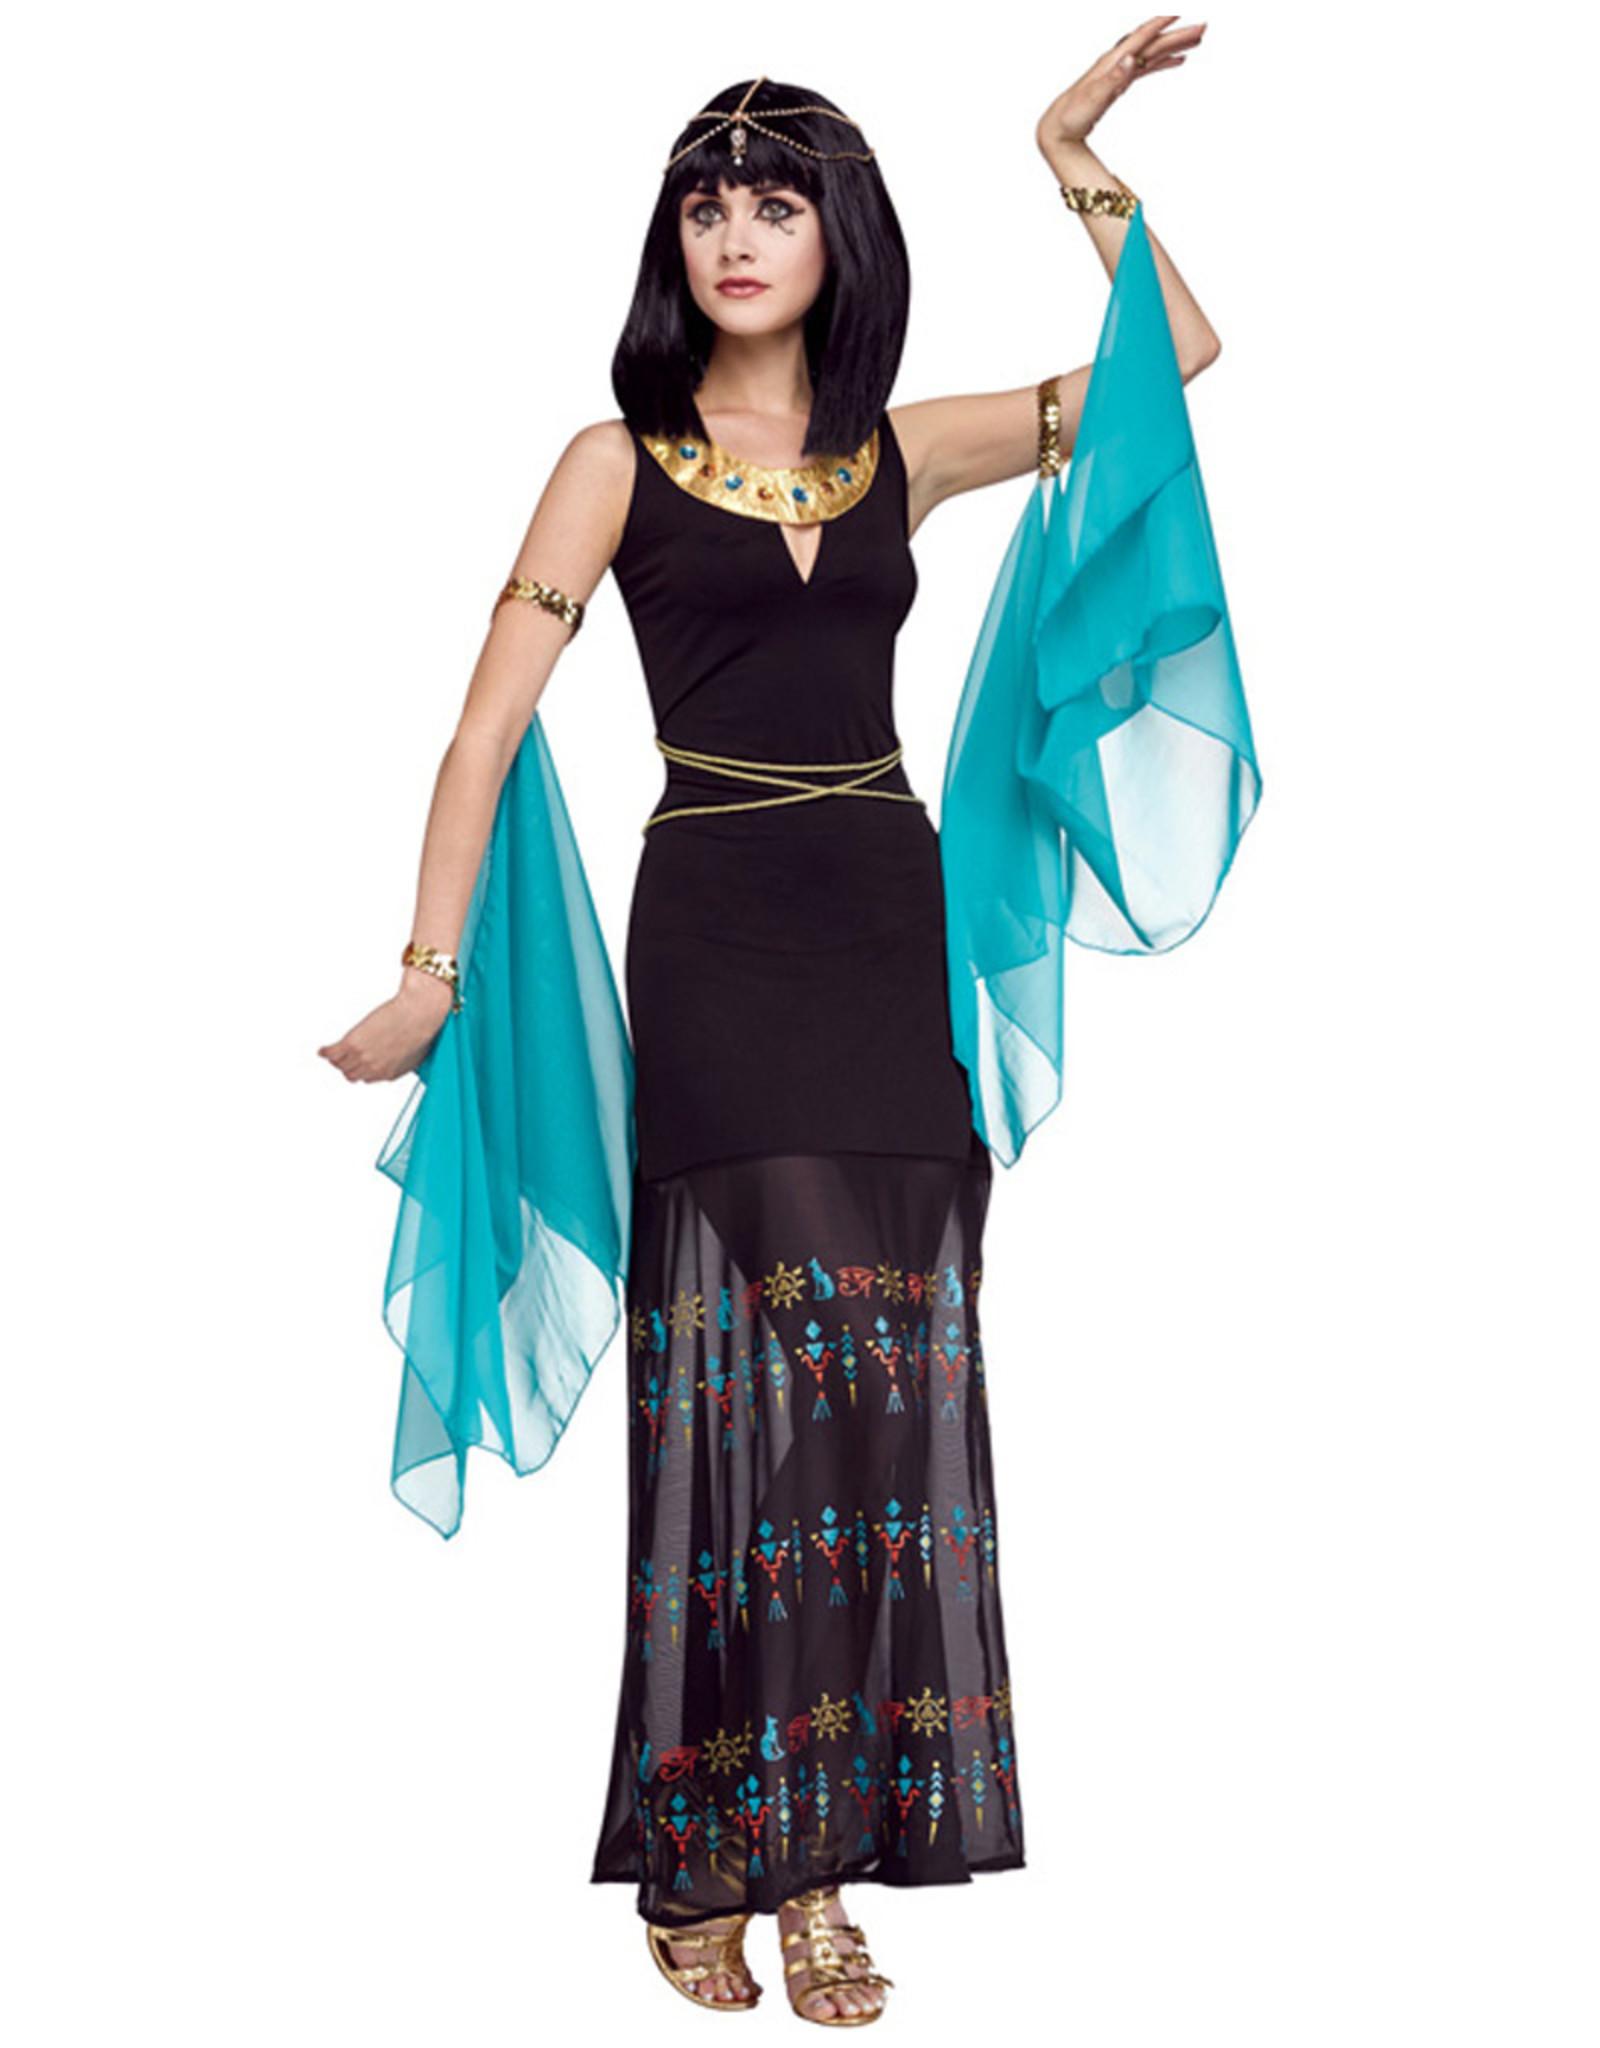 Egyptian Queen Costume - Women's